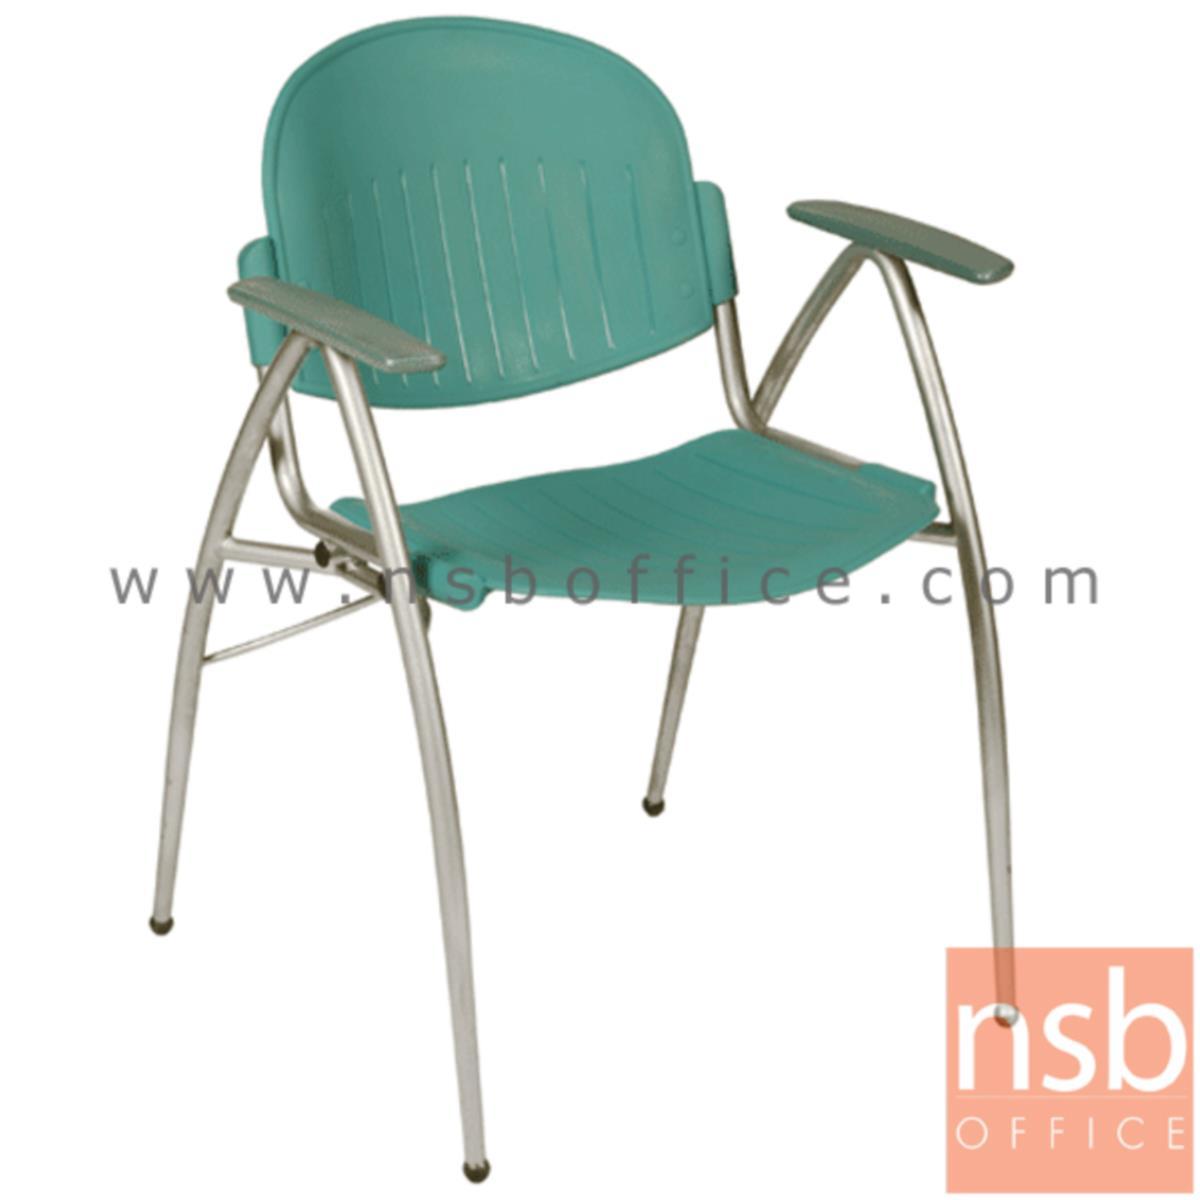 เก้าอี้อเนกประสงค์เฟรมโพลี่ รุ่น A946-346  ขาเหล็กพ่นสีเทา